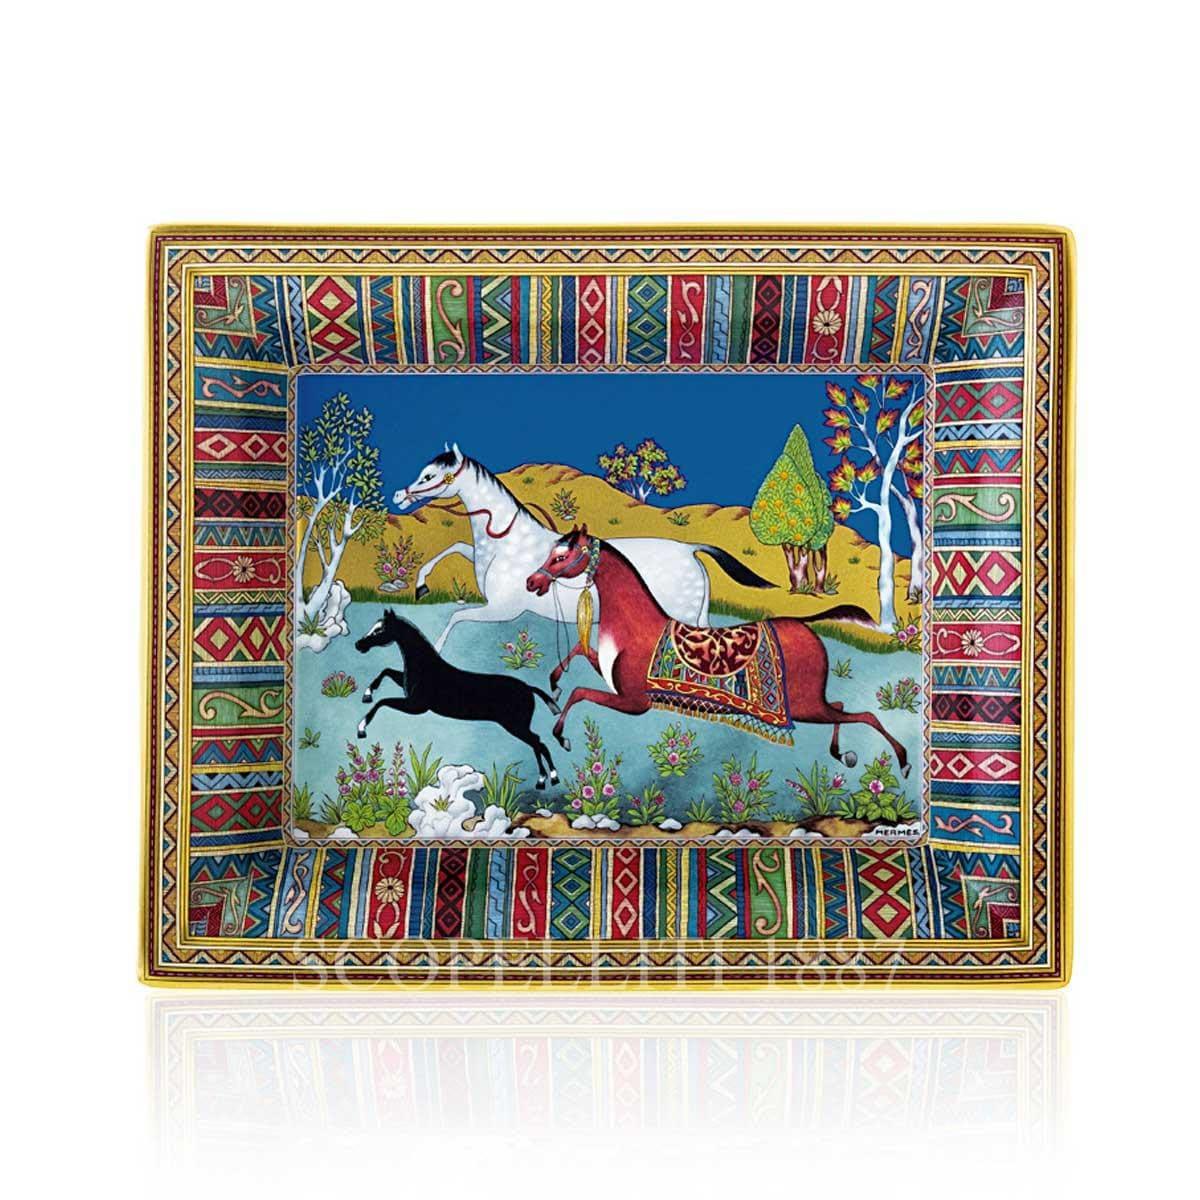 hermes paris cheval dorient vide poche Porcelain tray